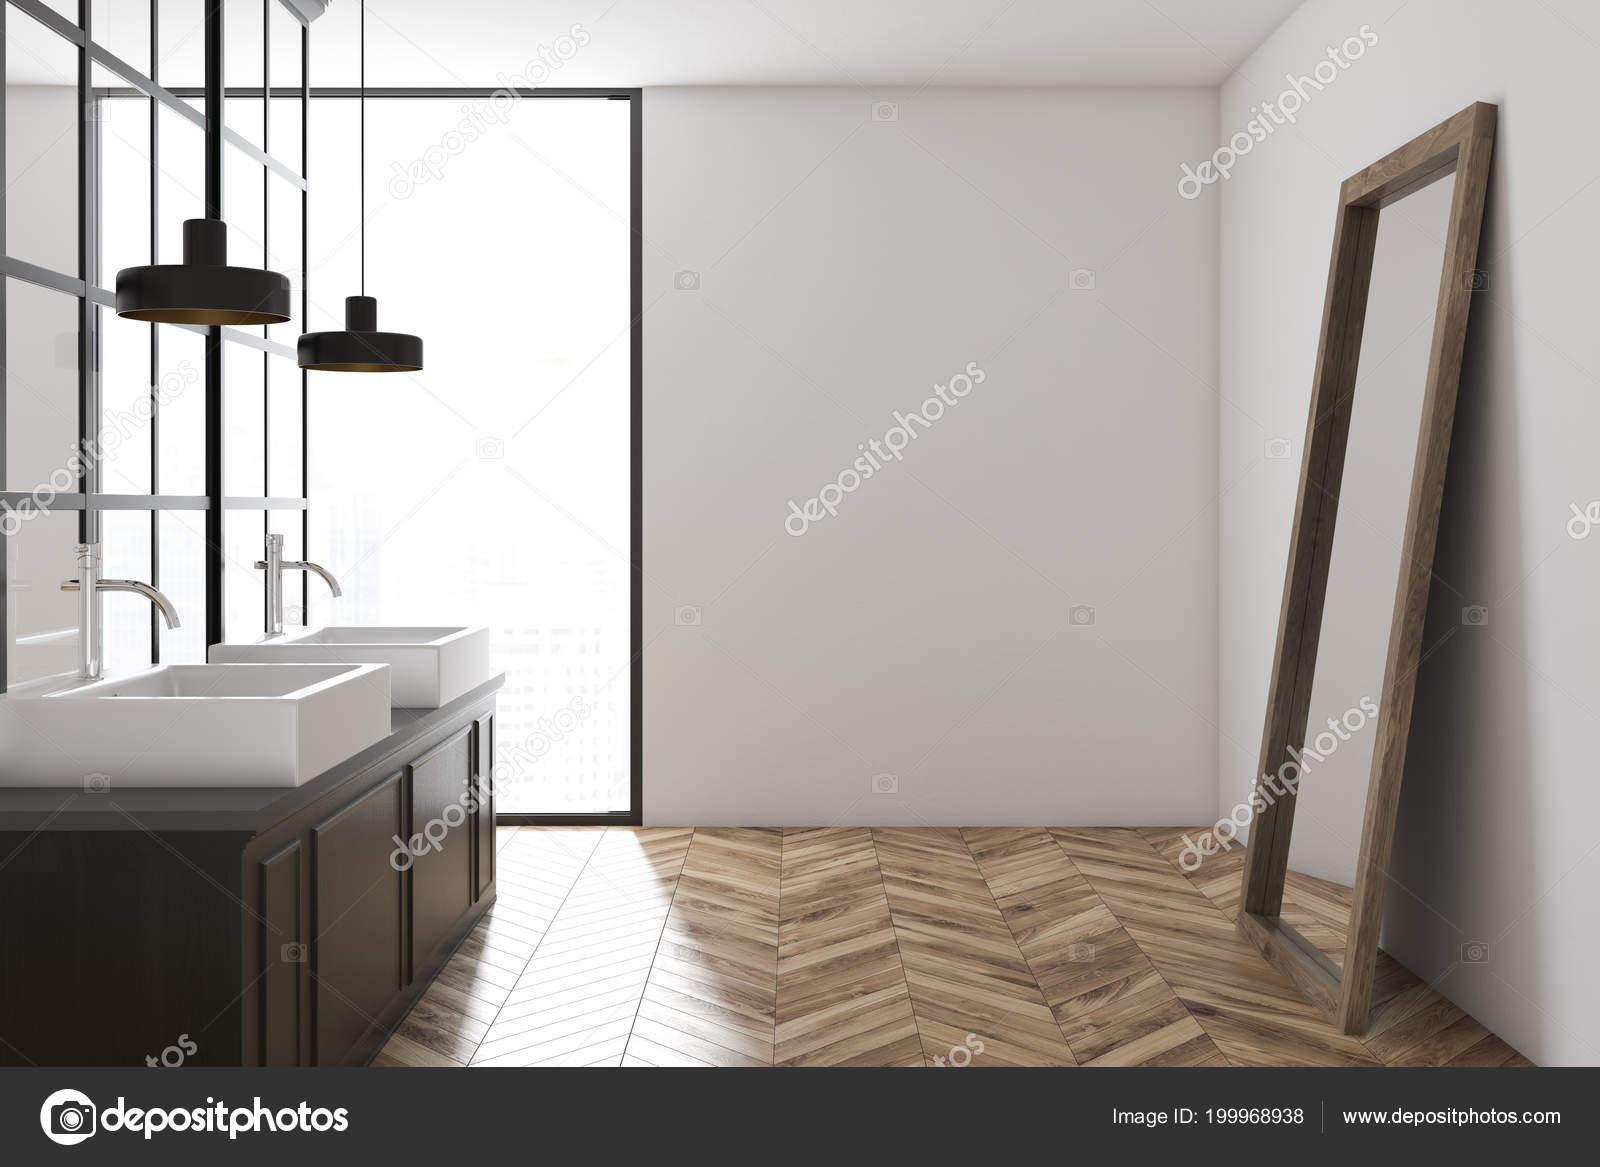 Decoratie Badkamer Muur : Witte muur badkamer interieur met een metalen decoratie details